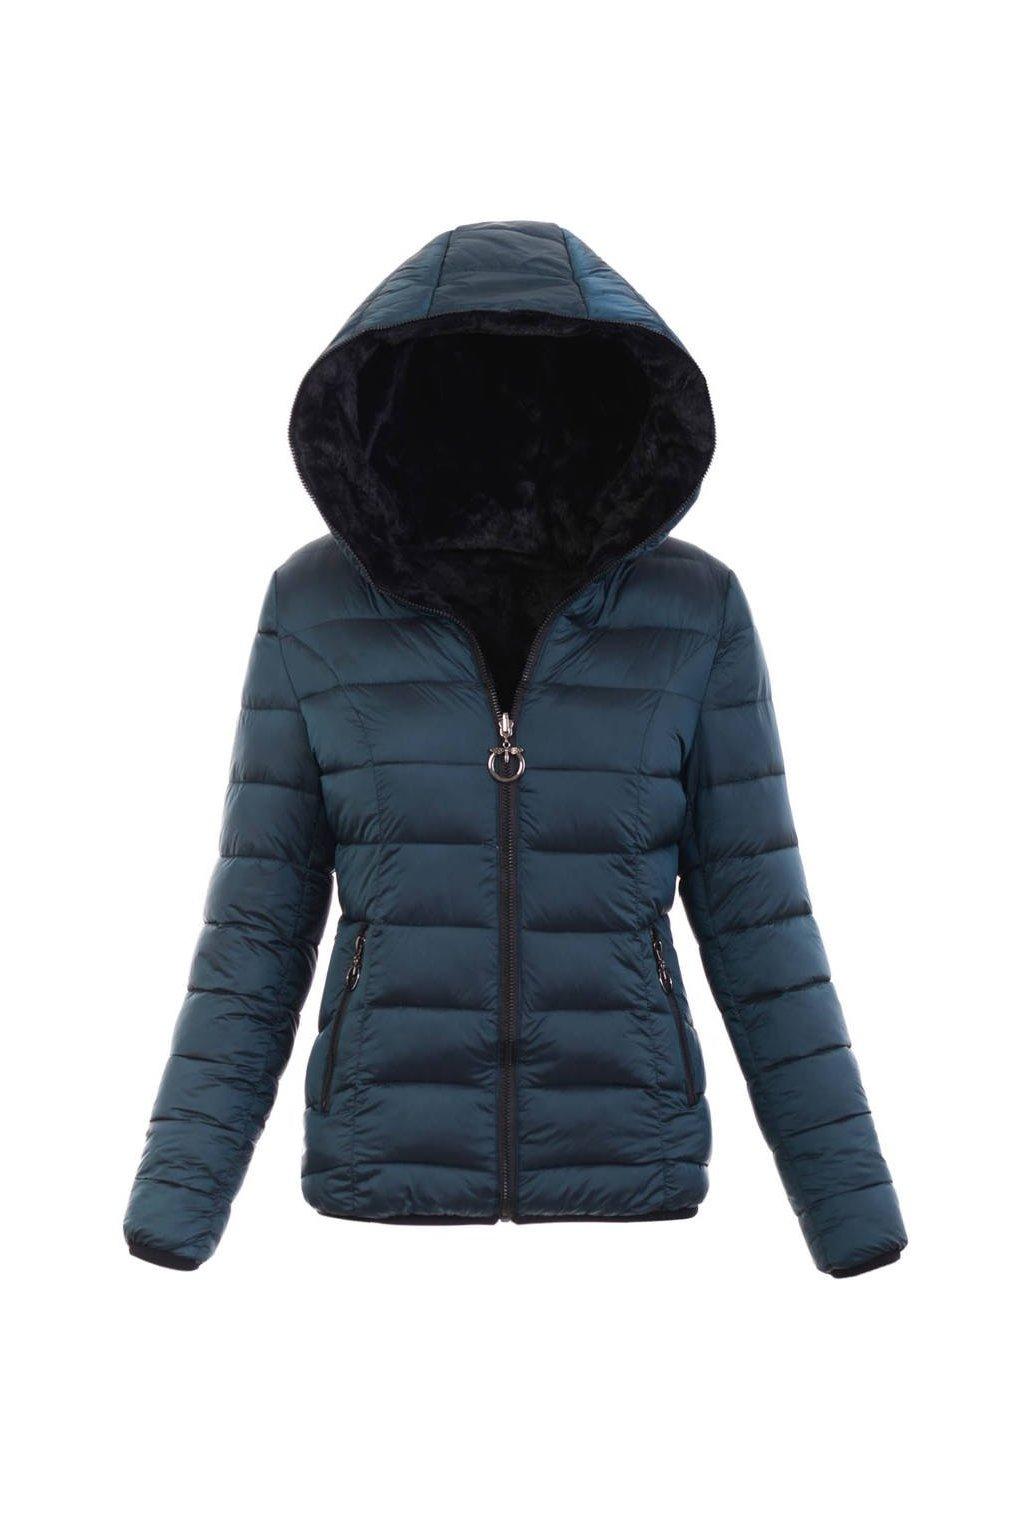 Dámska zimná bunda s kapucňou 6005 tmavozelená